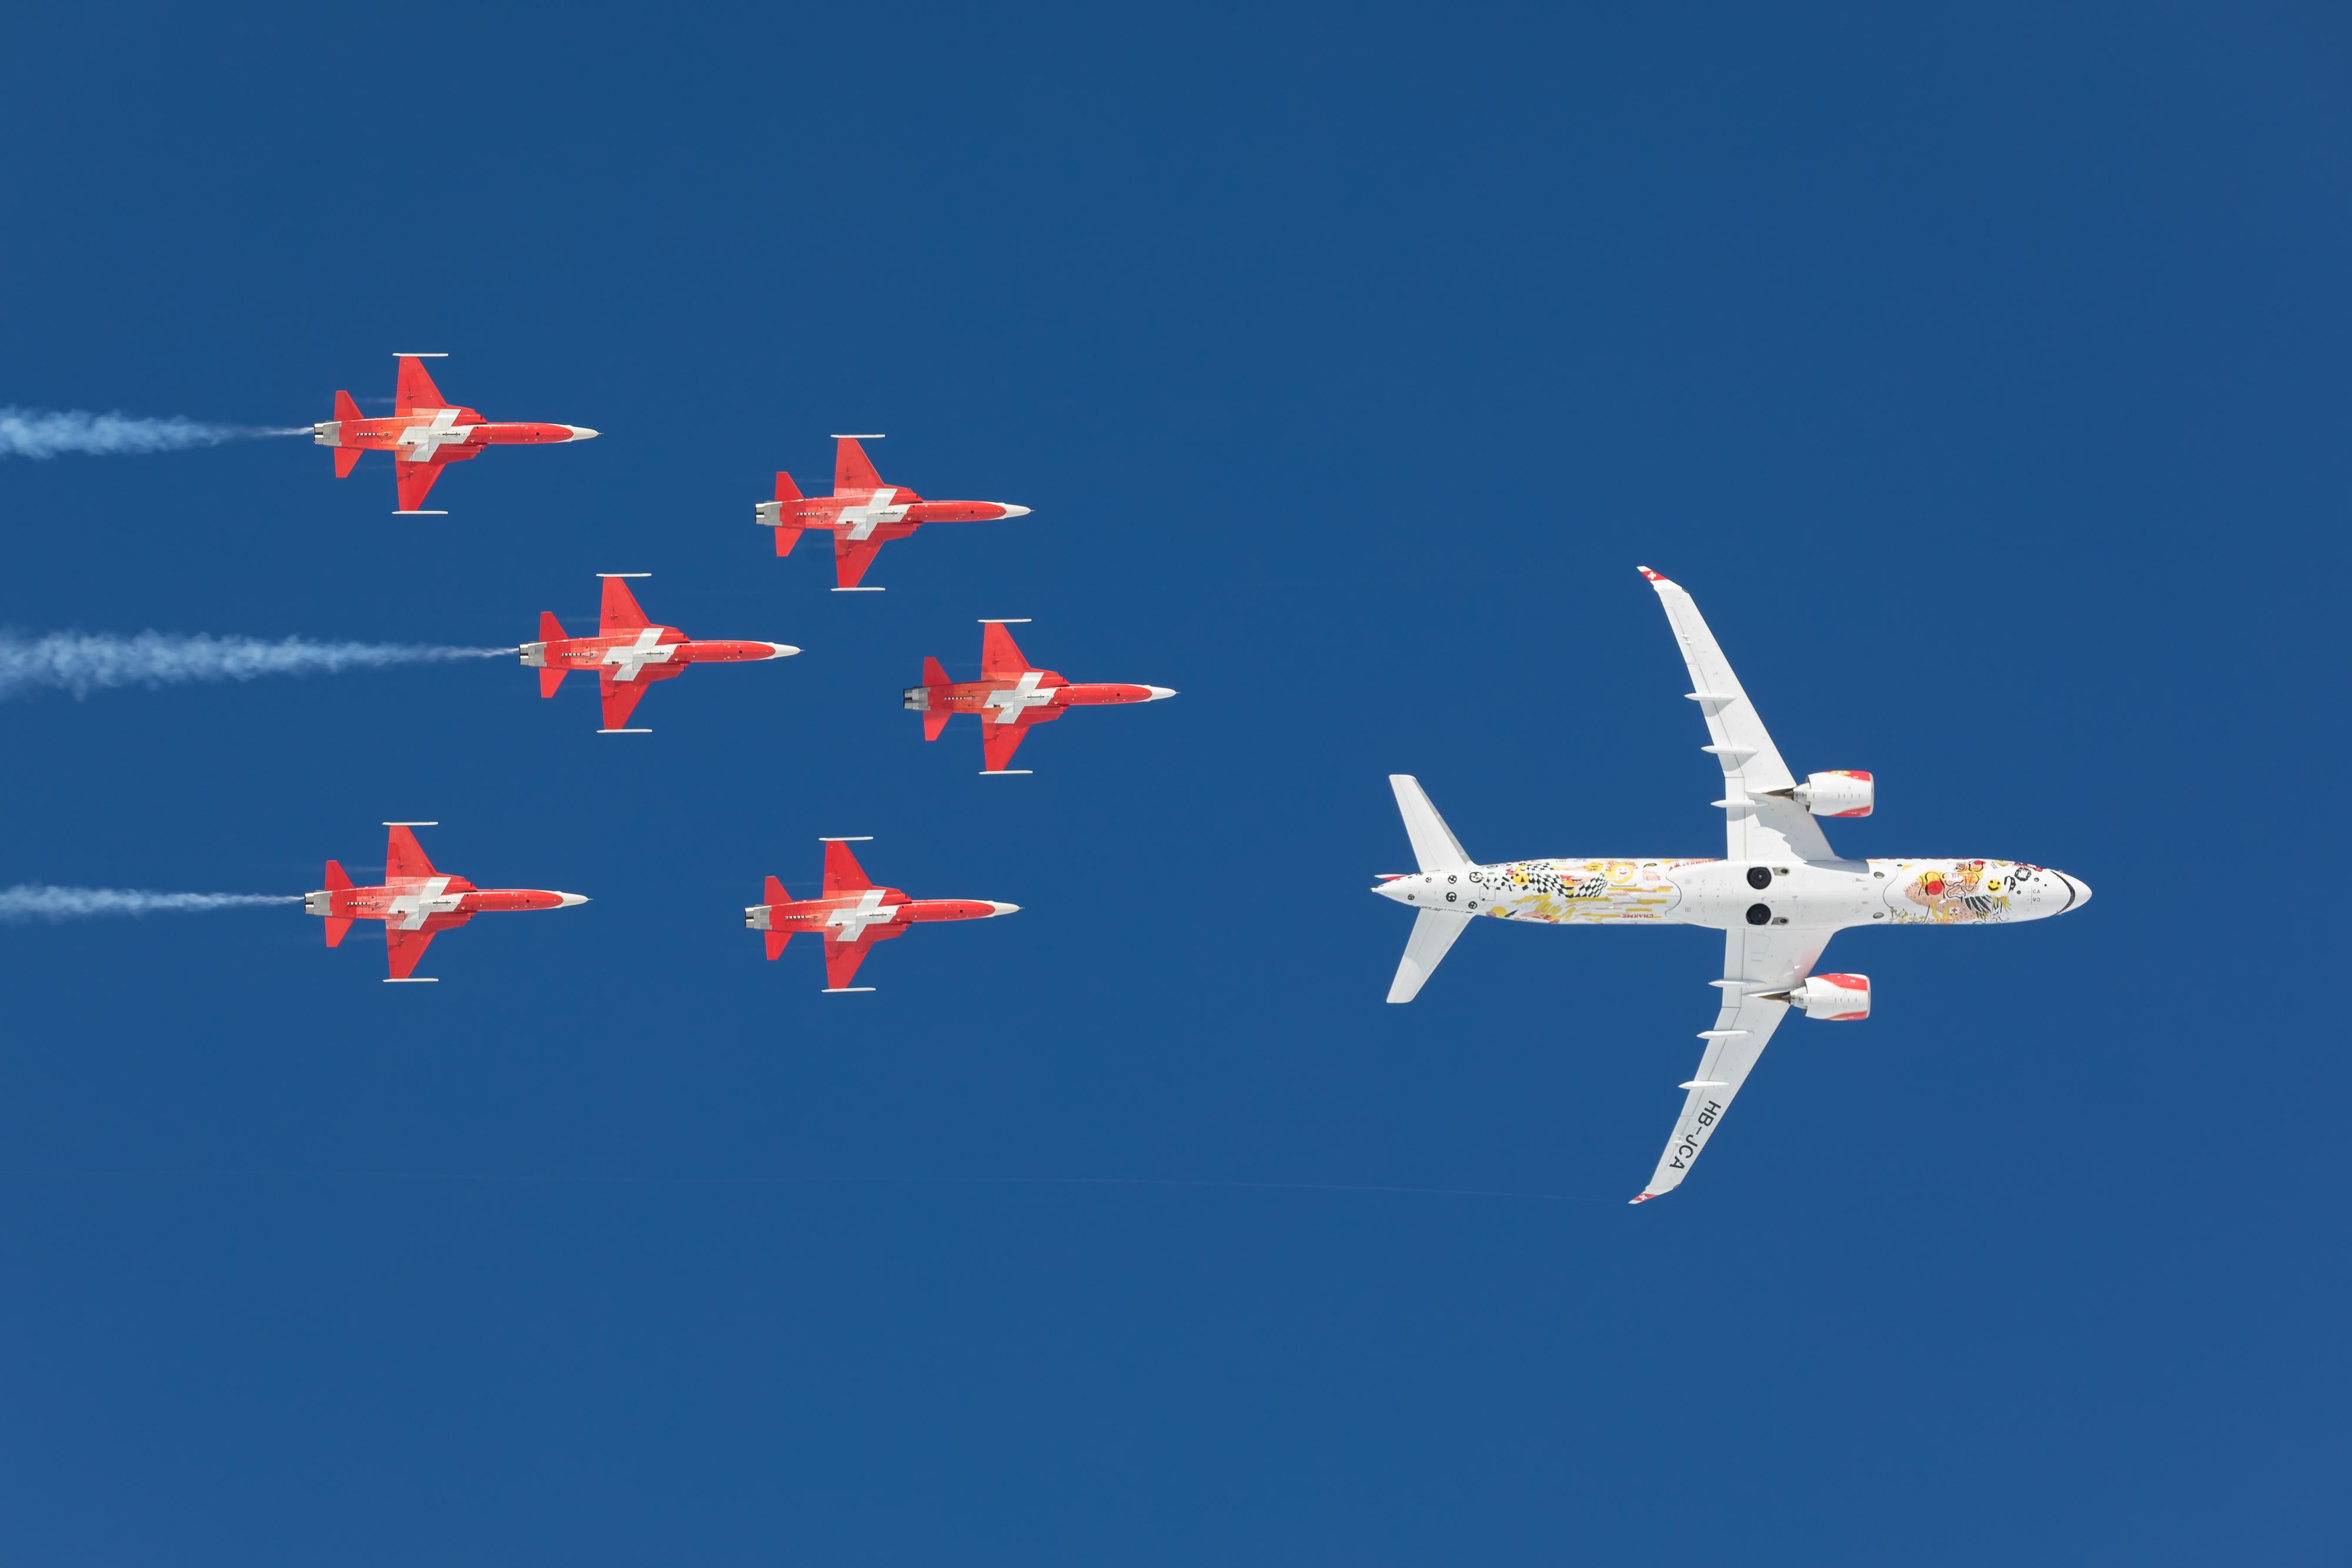 Opvisningsteamet fra det schweiziske flyvevåben Patrouille Suisse eskorterer fly fra Swiss på arkivfoto. Pressefoto: Swiss.